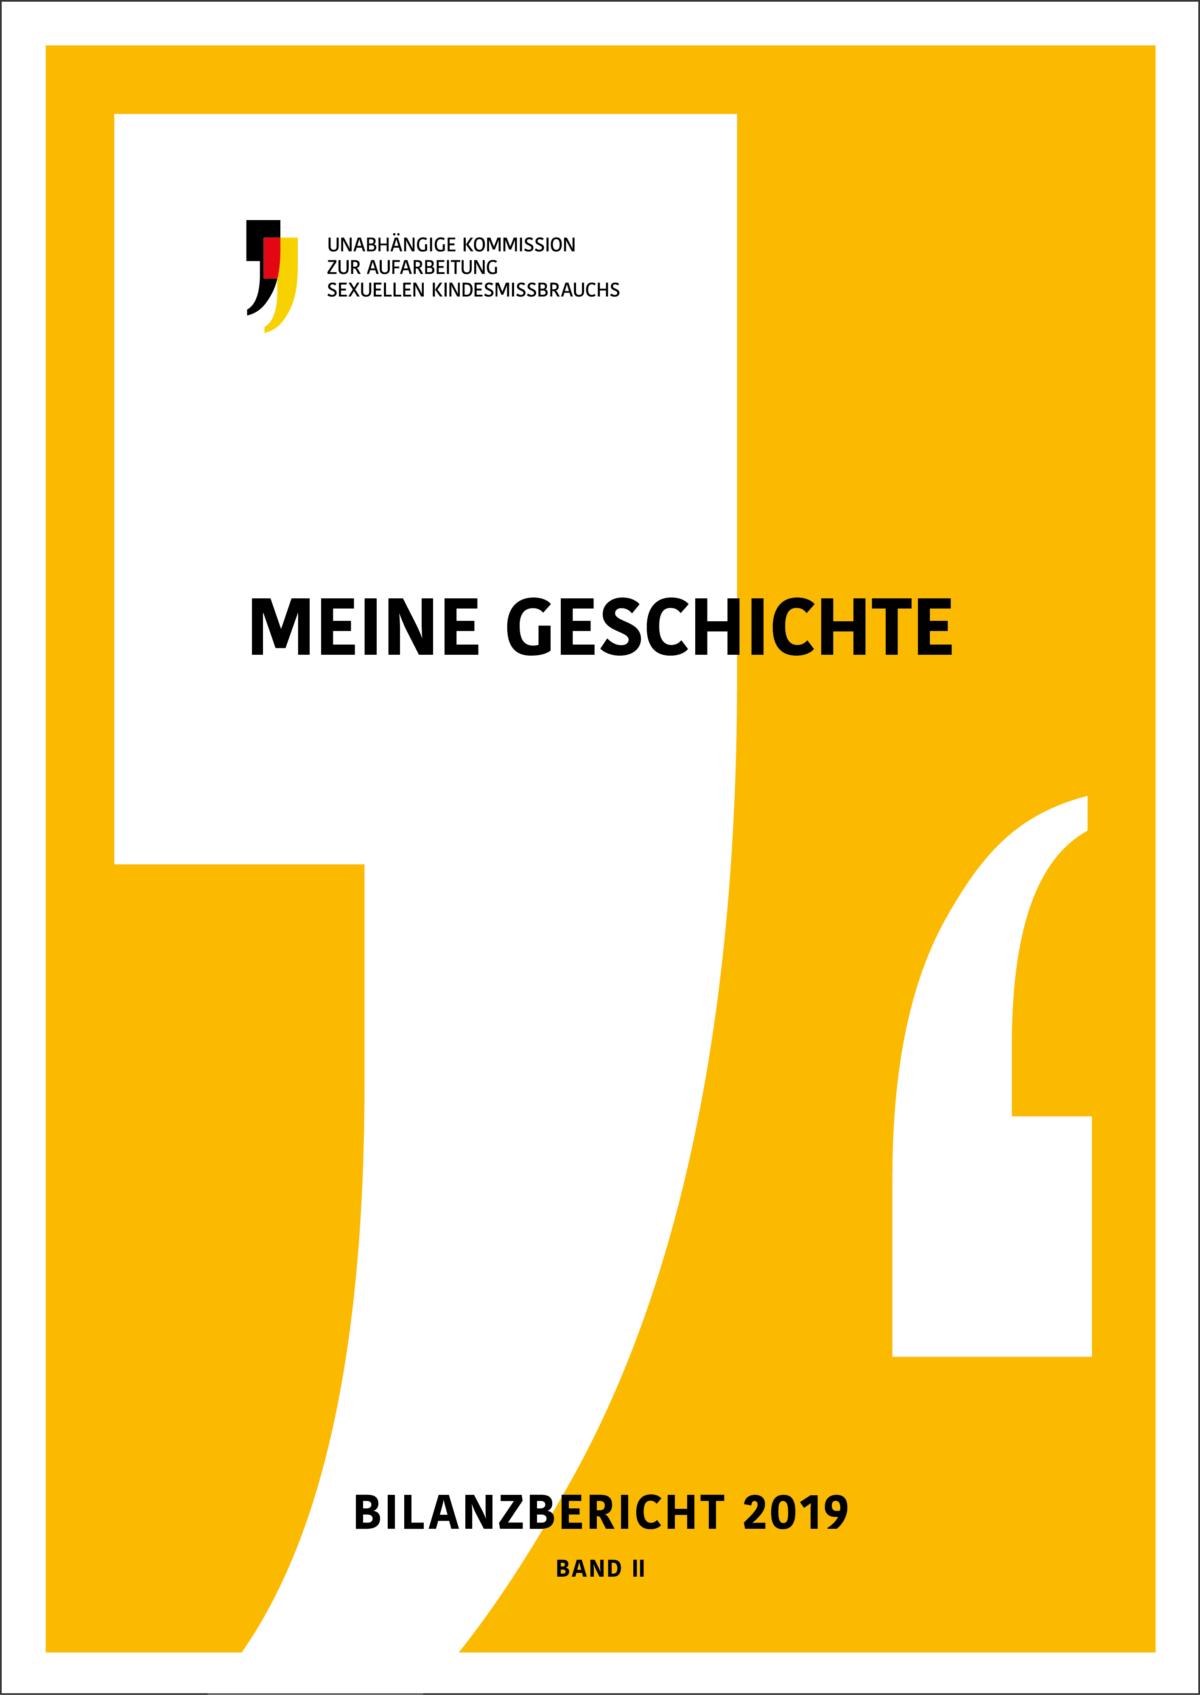 Cover des zweiten Bandes Meine Geschichte des Bilanzberichts 2019